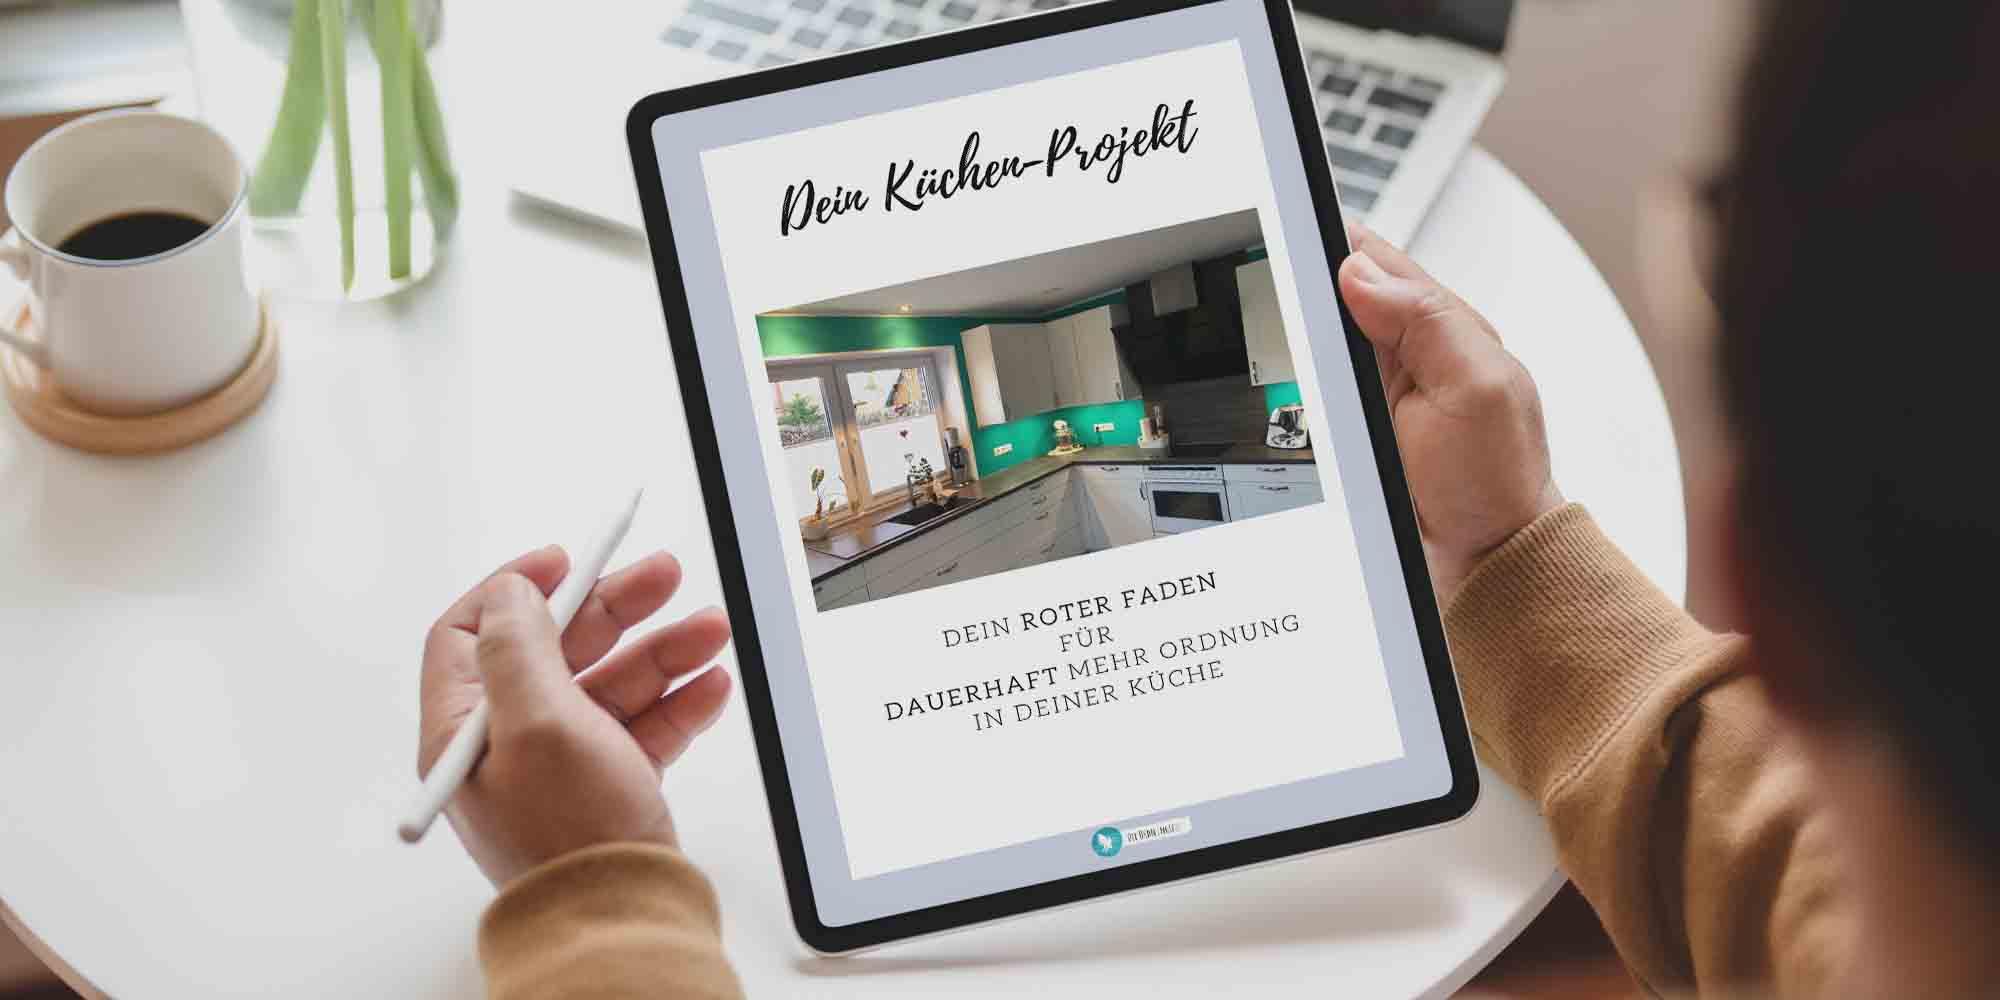 Hol Dir Dein Kostenloses Arbeitsbuch Fur Dein Kuchenprojekt Die Ordnungsfee